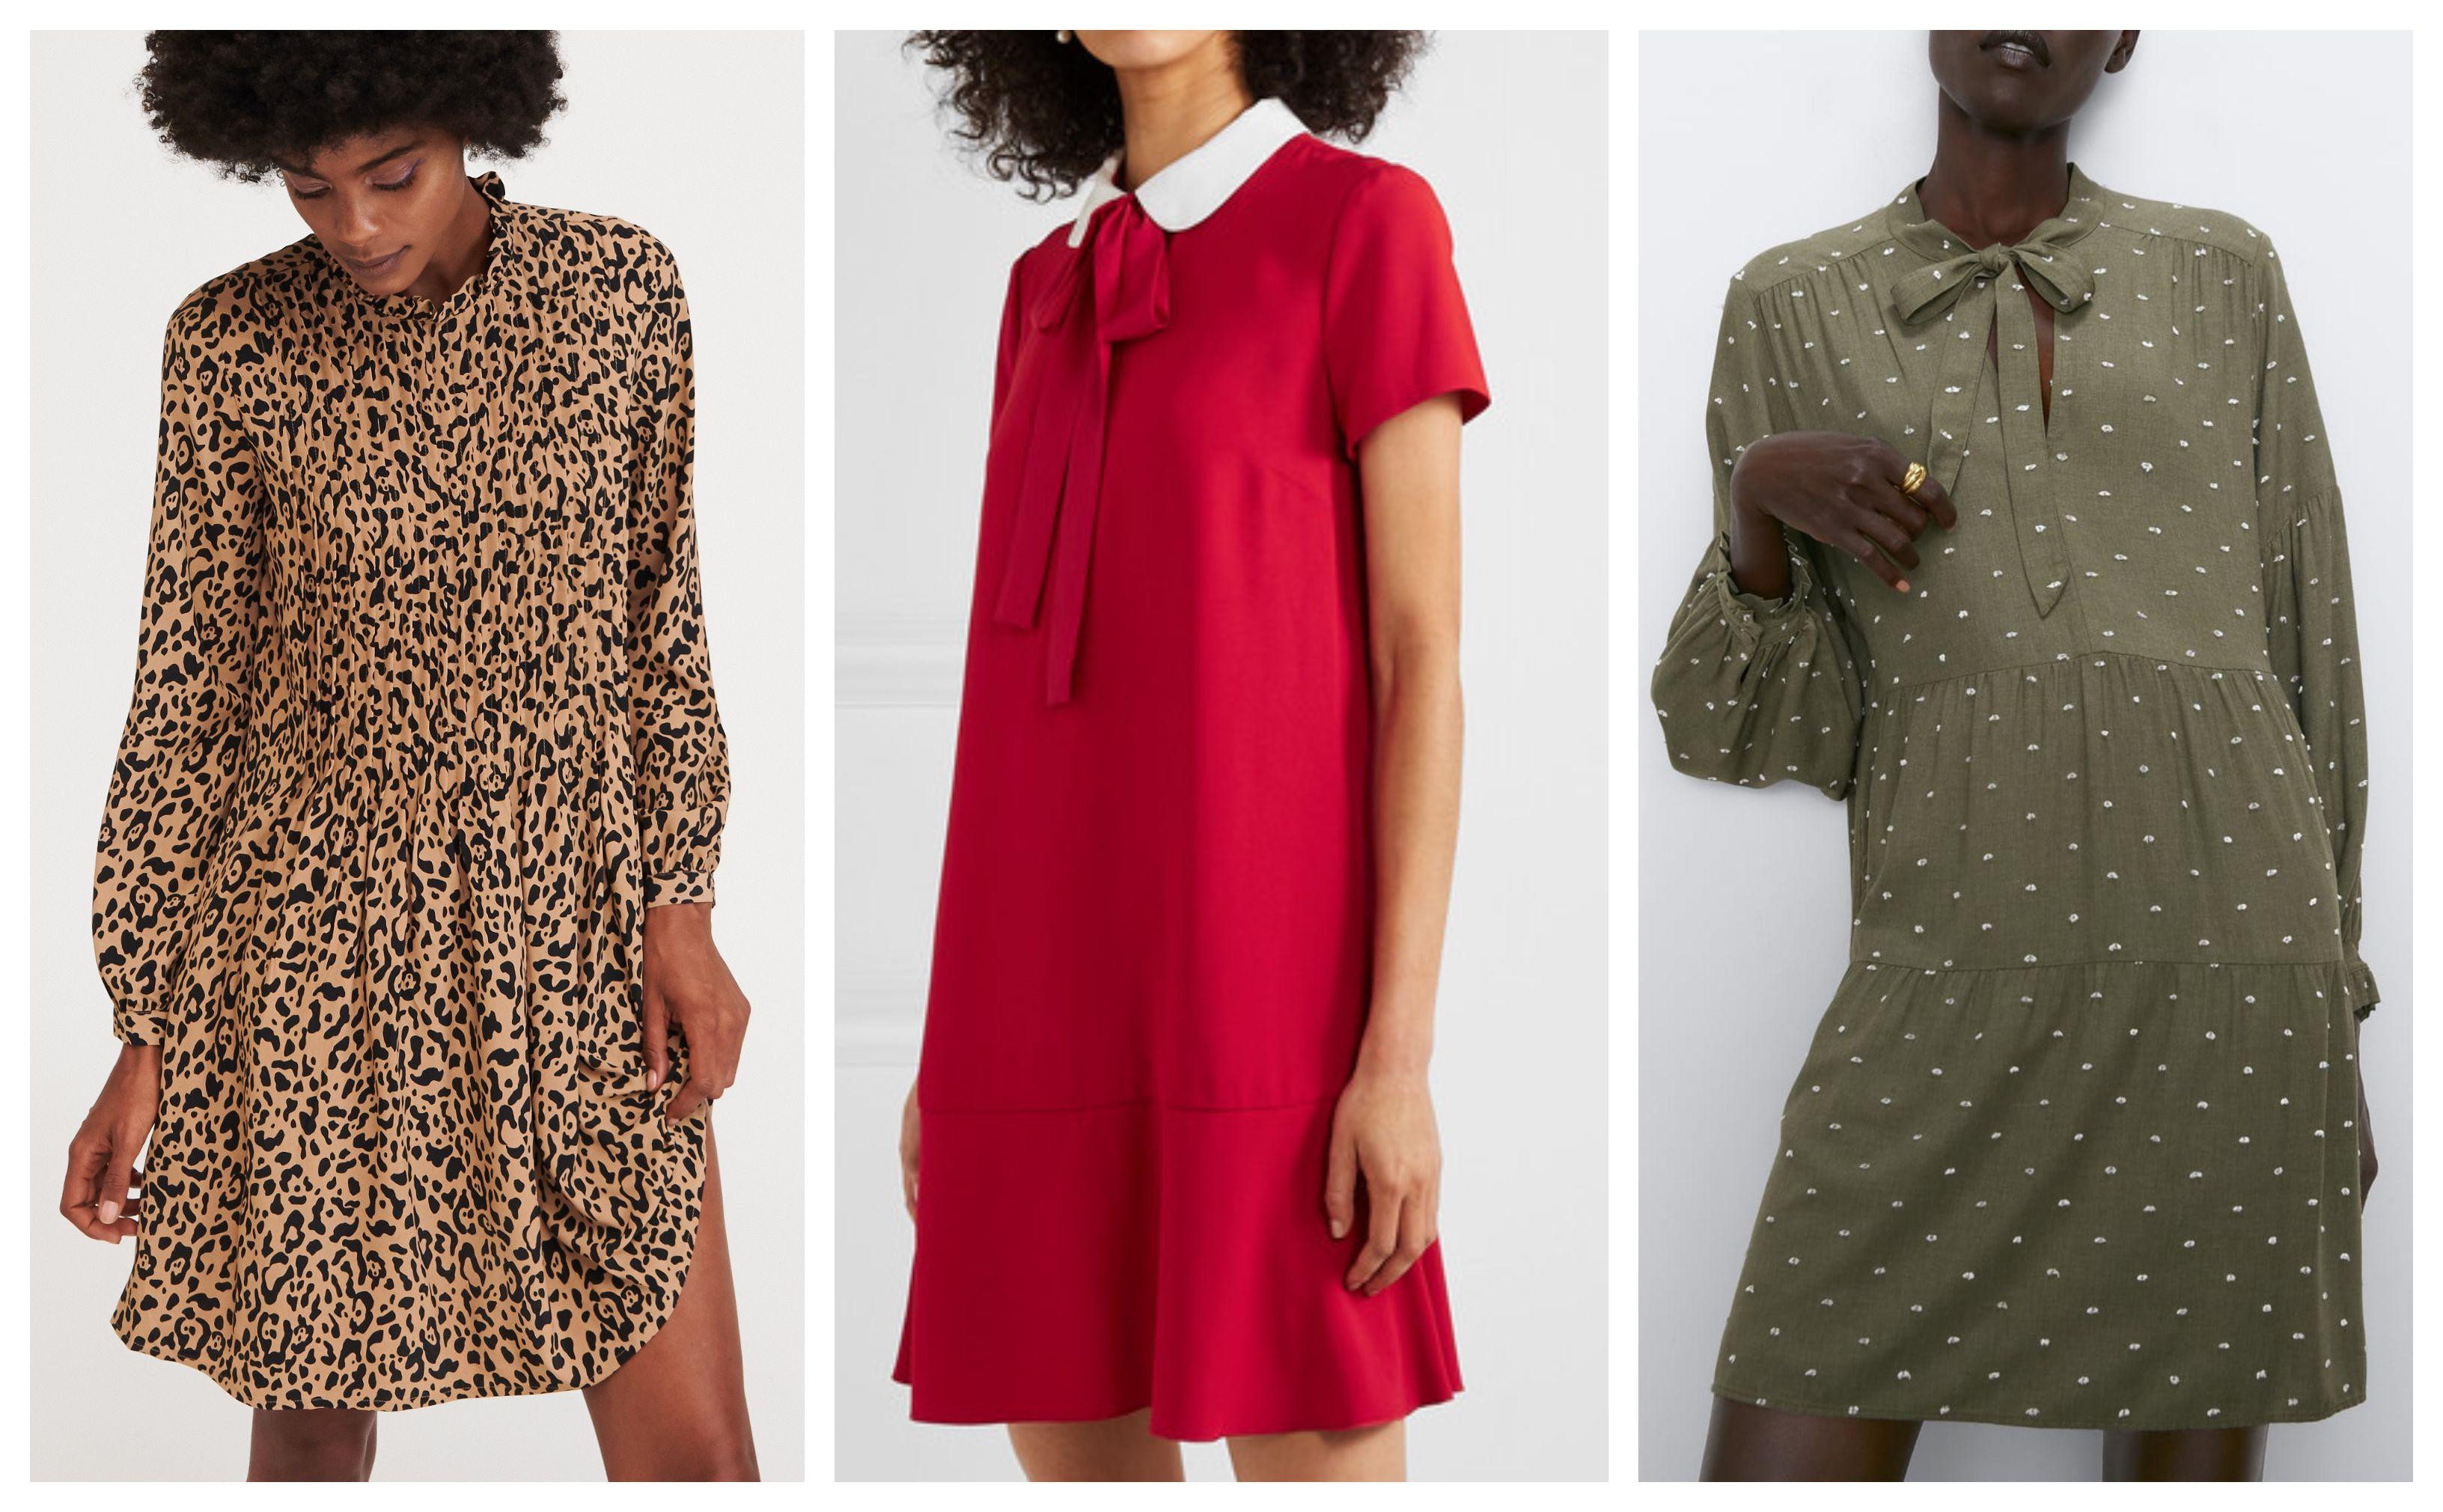 Vrijeme je za visoke čizme i kratke haljinice! Izabrali smo 15 naljepših mini haljina za svaki dan